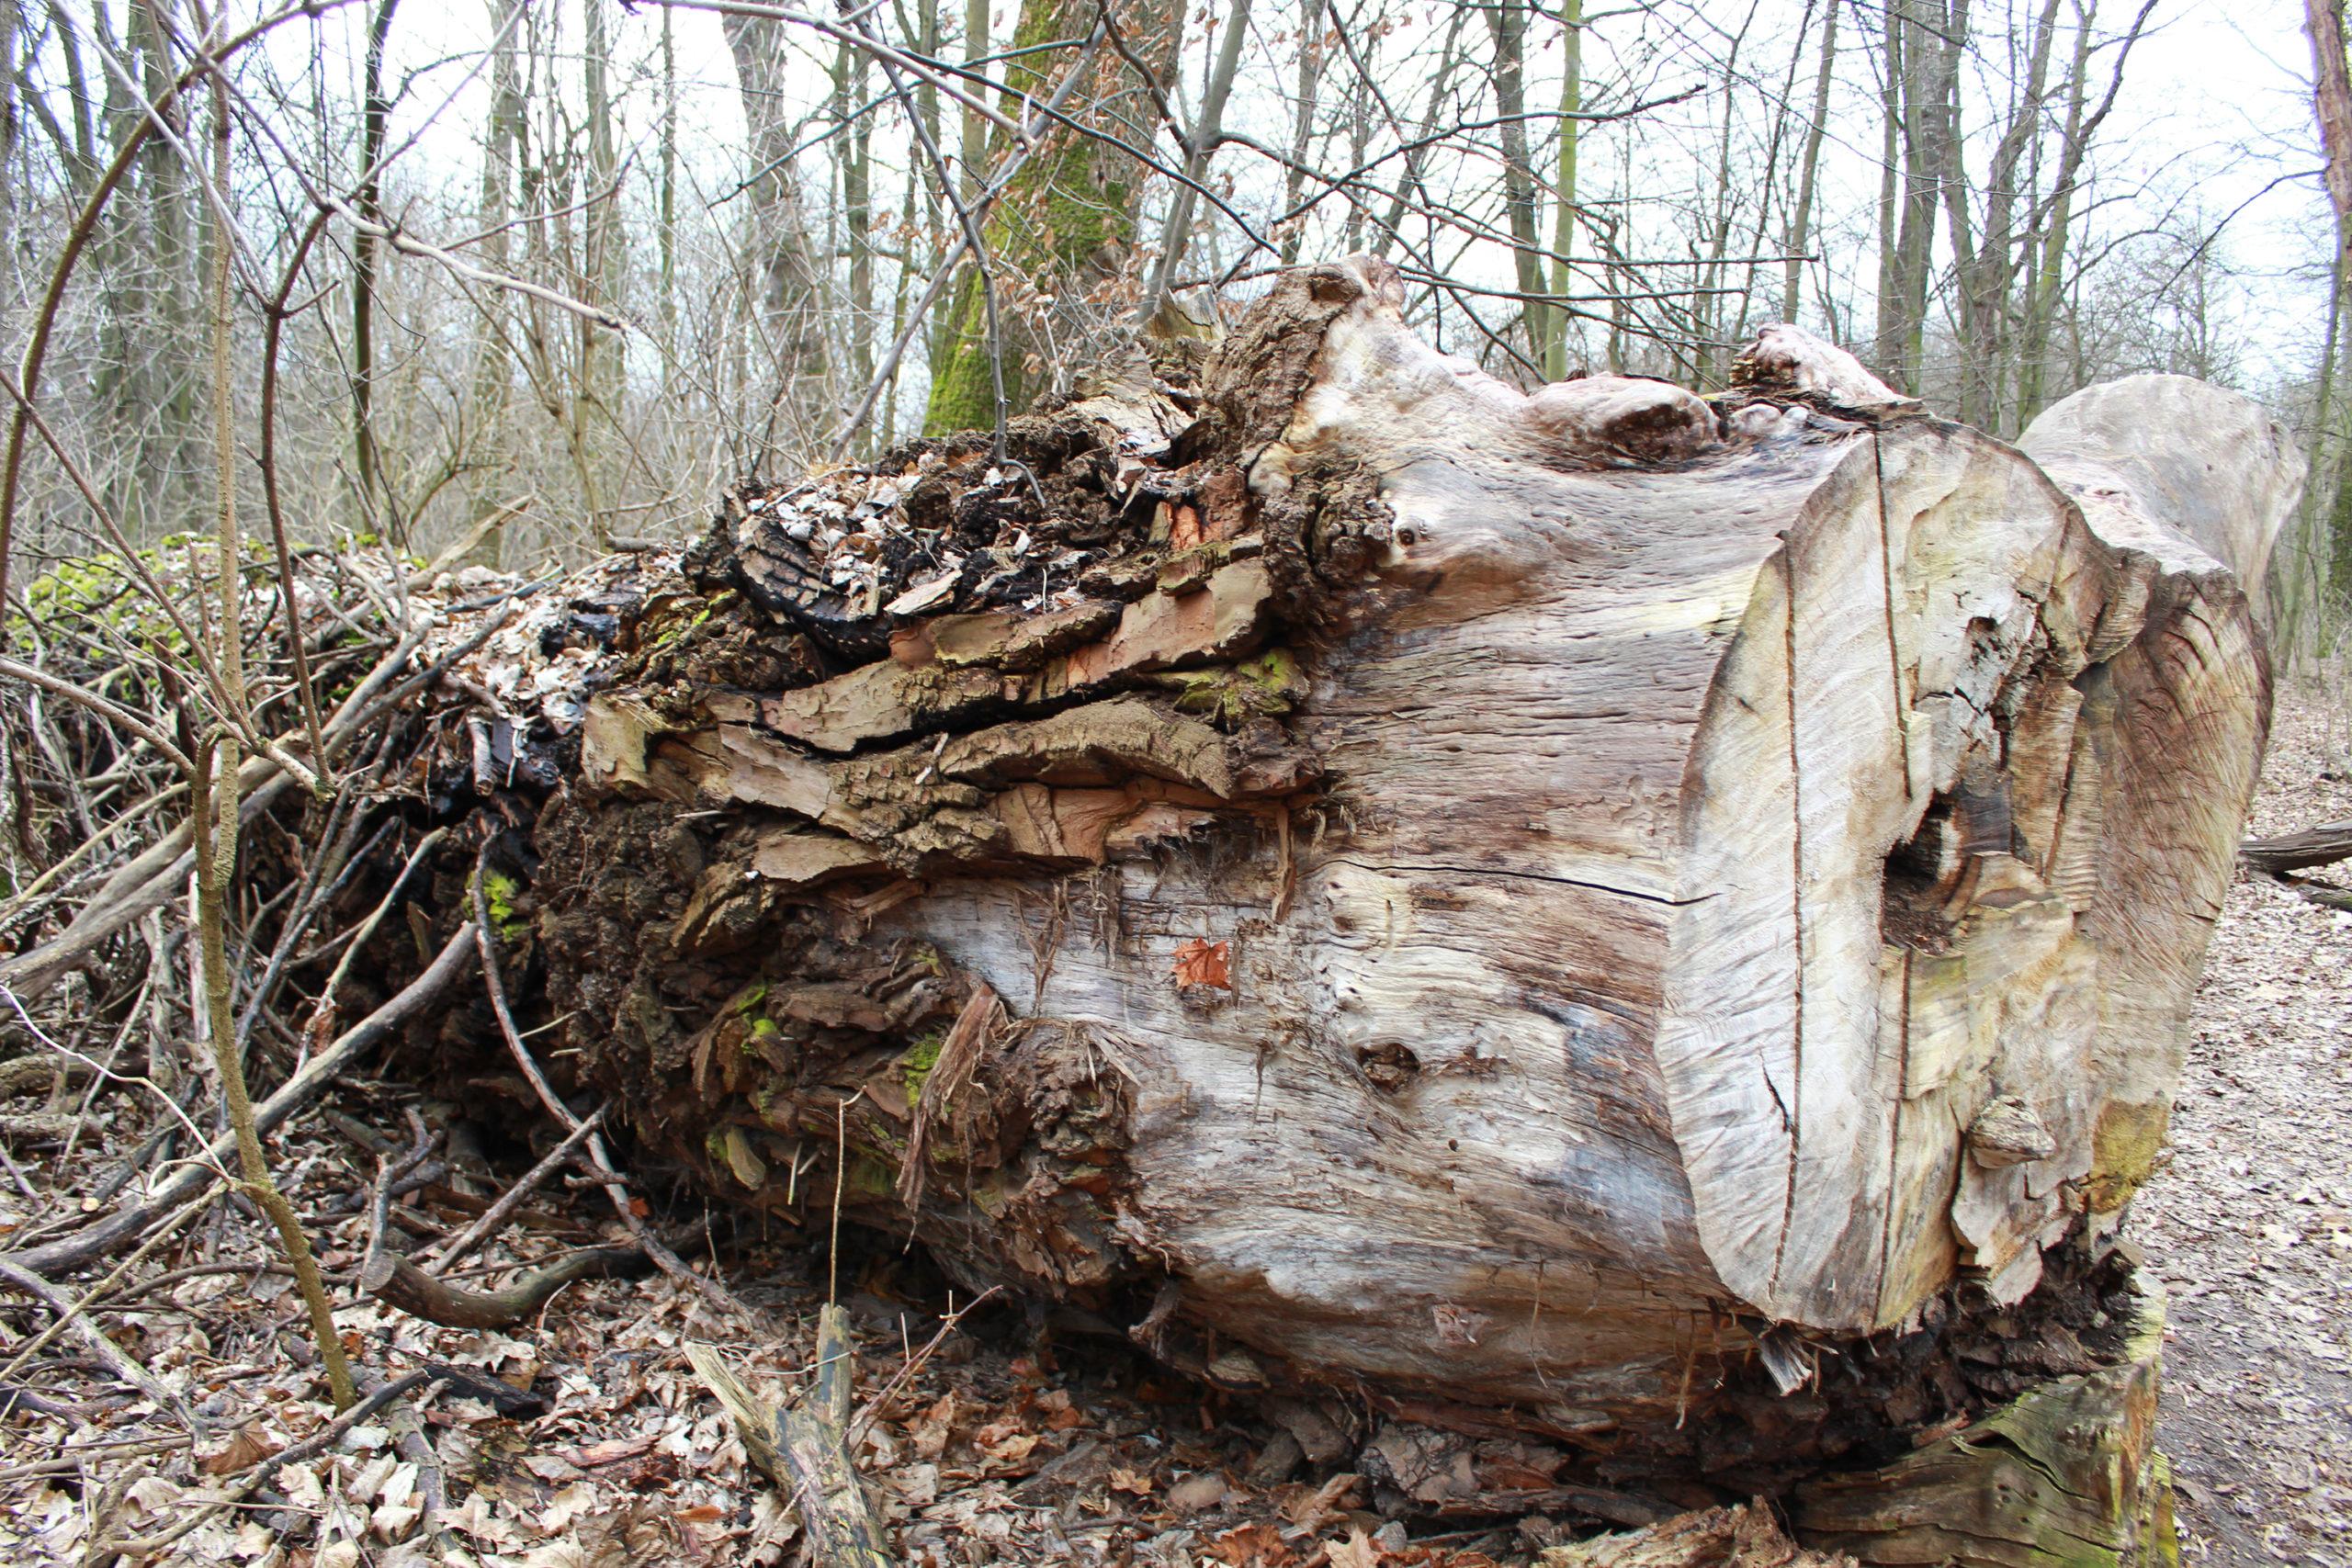 obalone drzewo